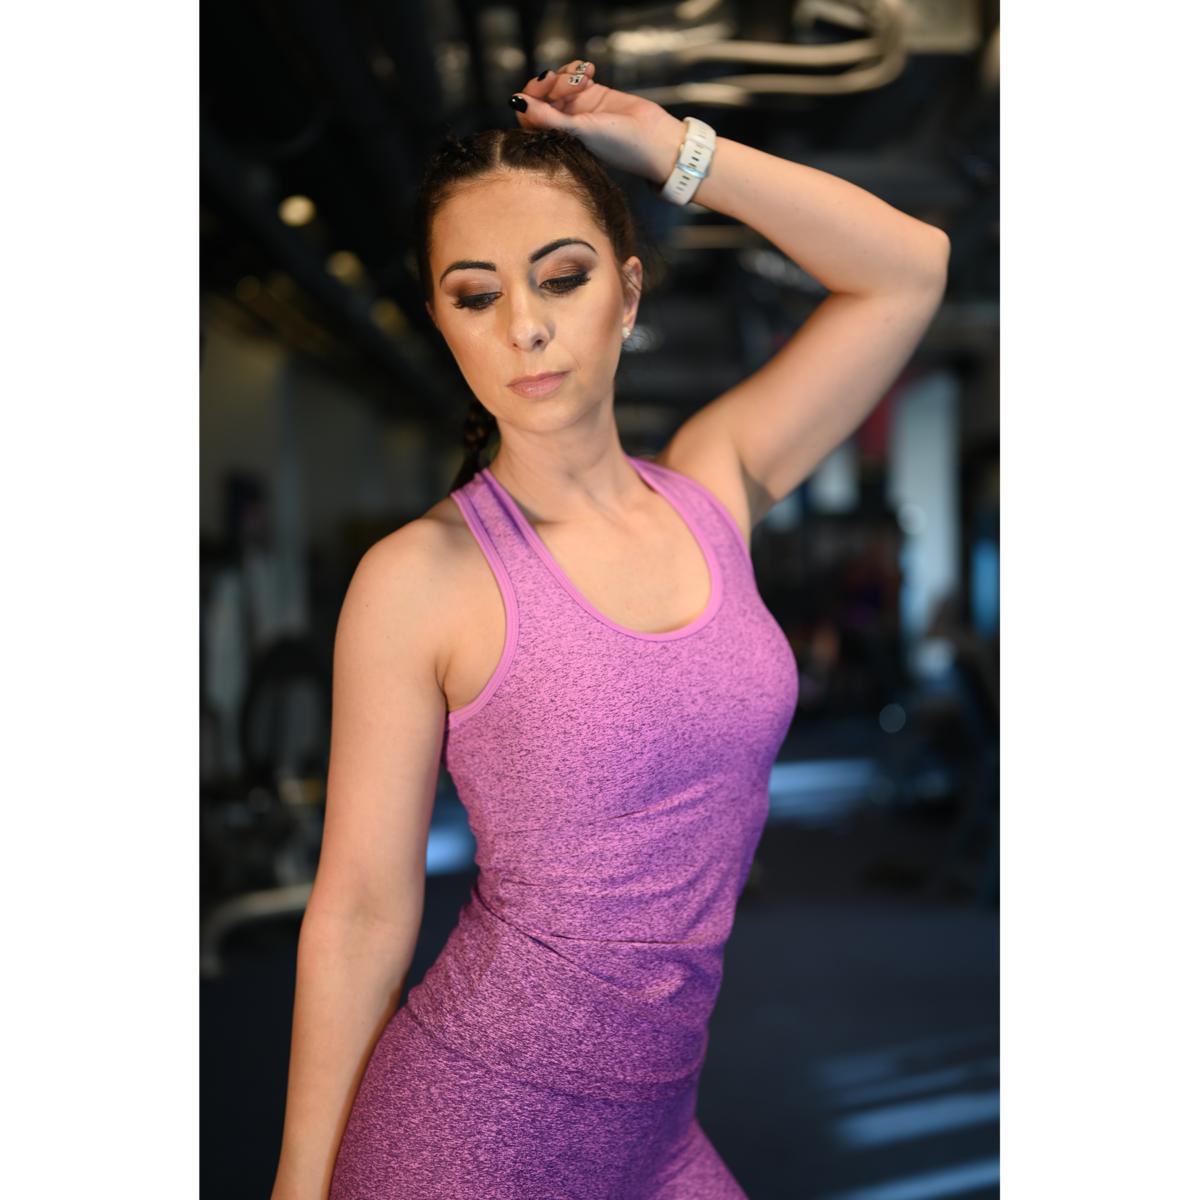 Melange lila női fitnesz atléta